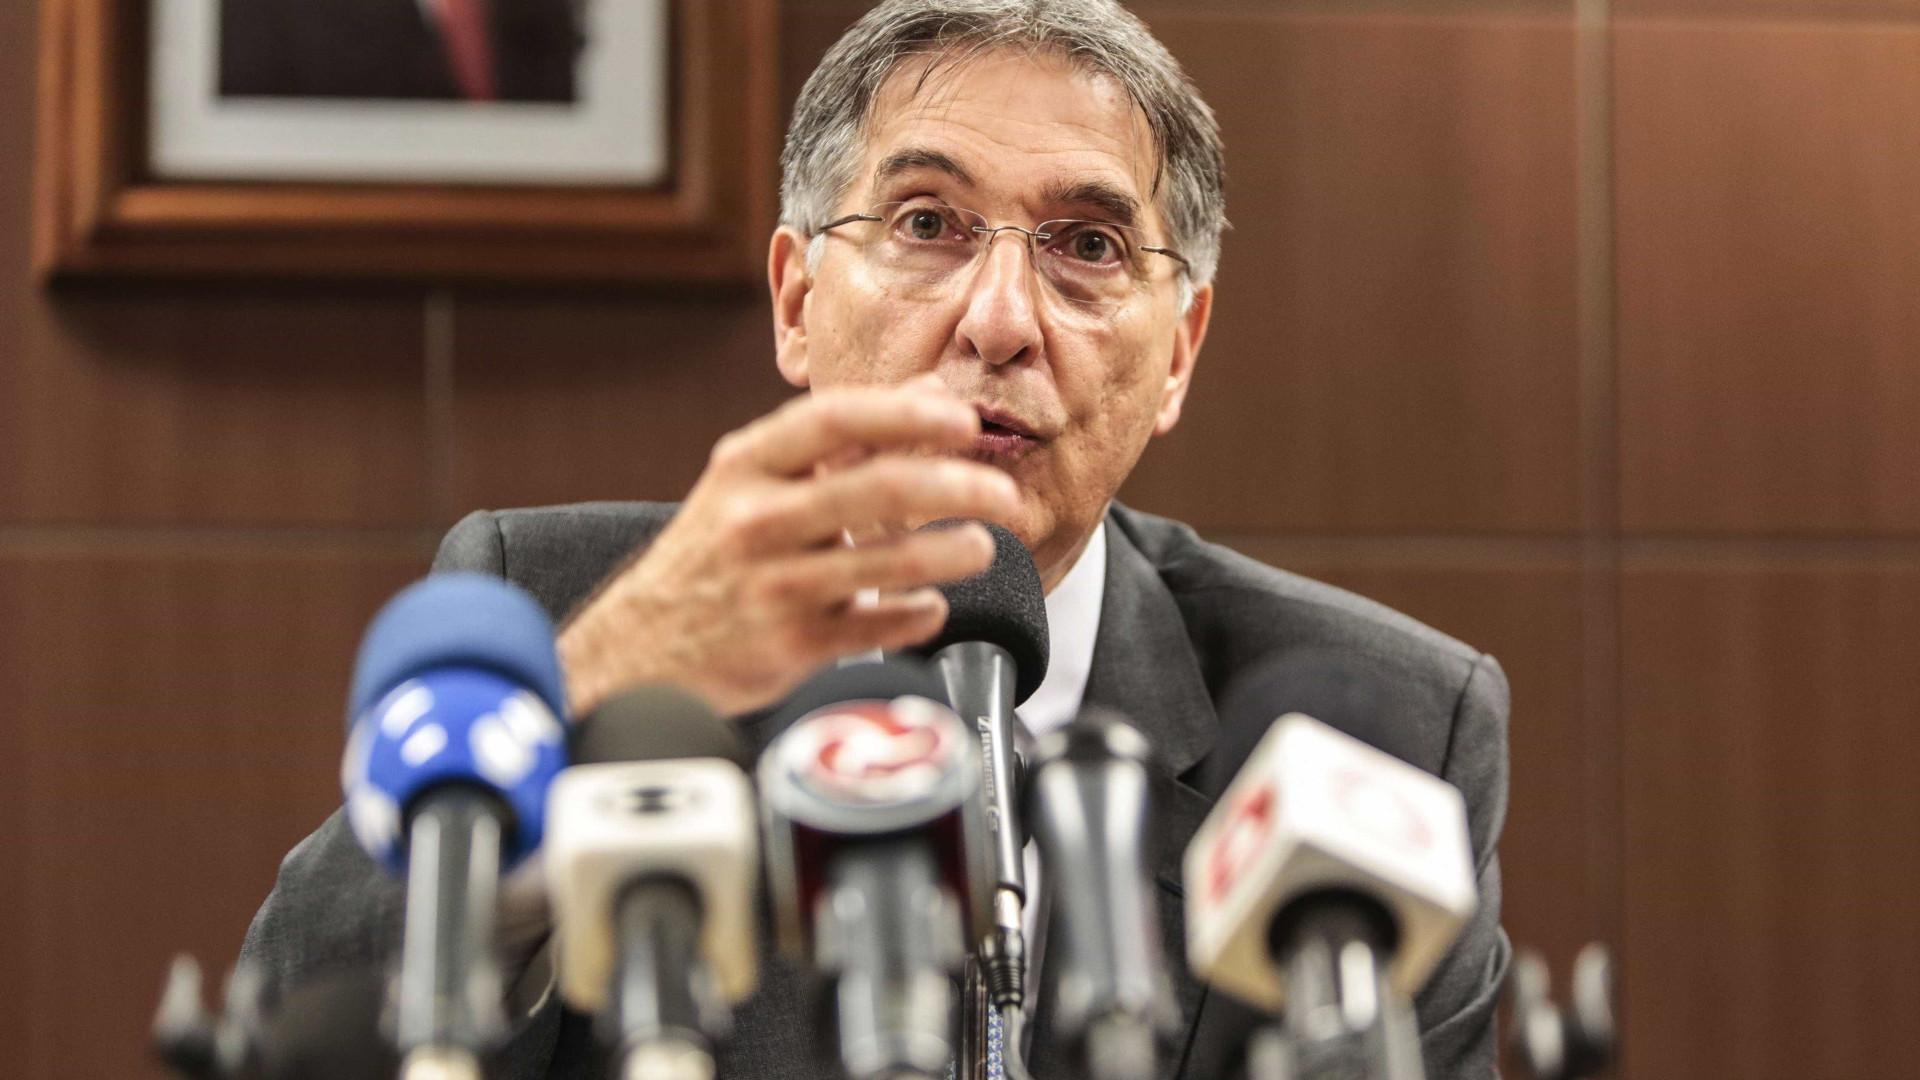 Pimentel recebeu mesada de R$ 300 mil em campanha, diz delator